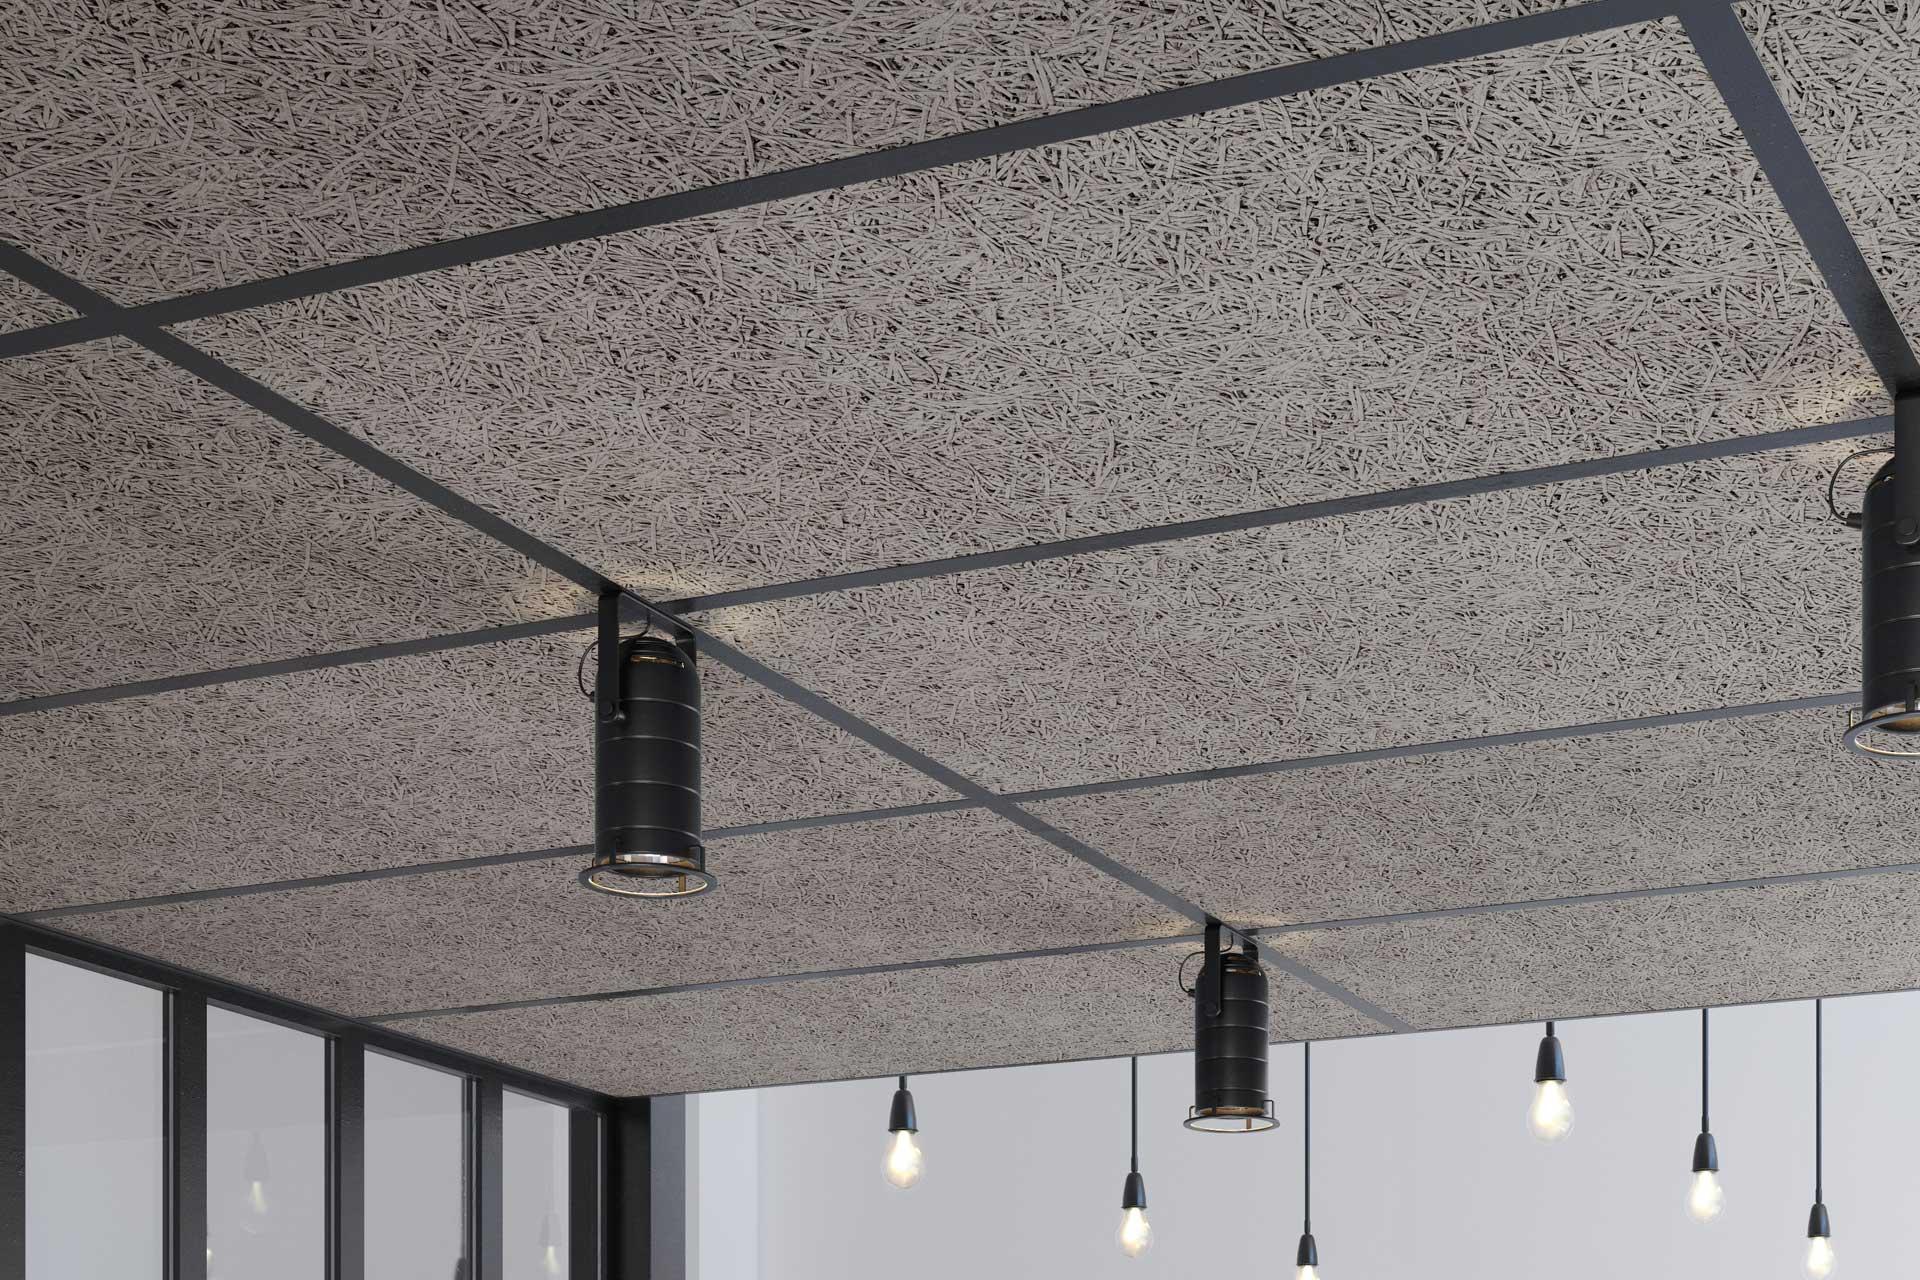 Faux Plafond Suspendu En Dalles Isolantes dalle plafond - faux plafonds - plafonds suspendus à saint